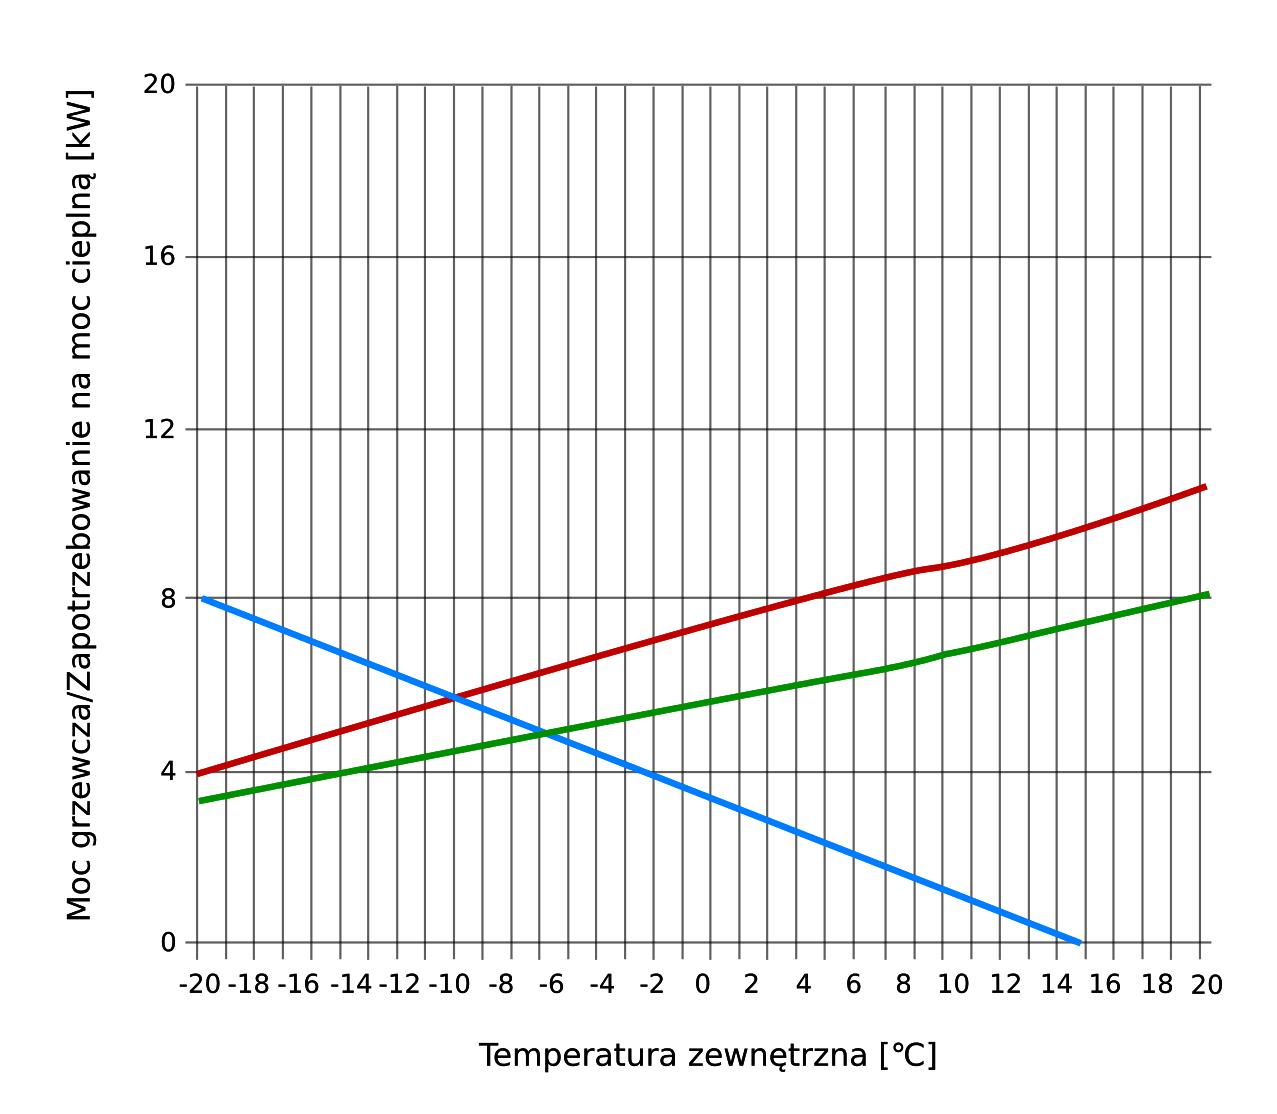 Dobór pompy ciepła  - wykres powietrzny 1